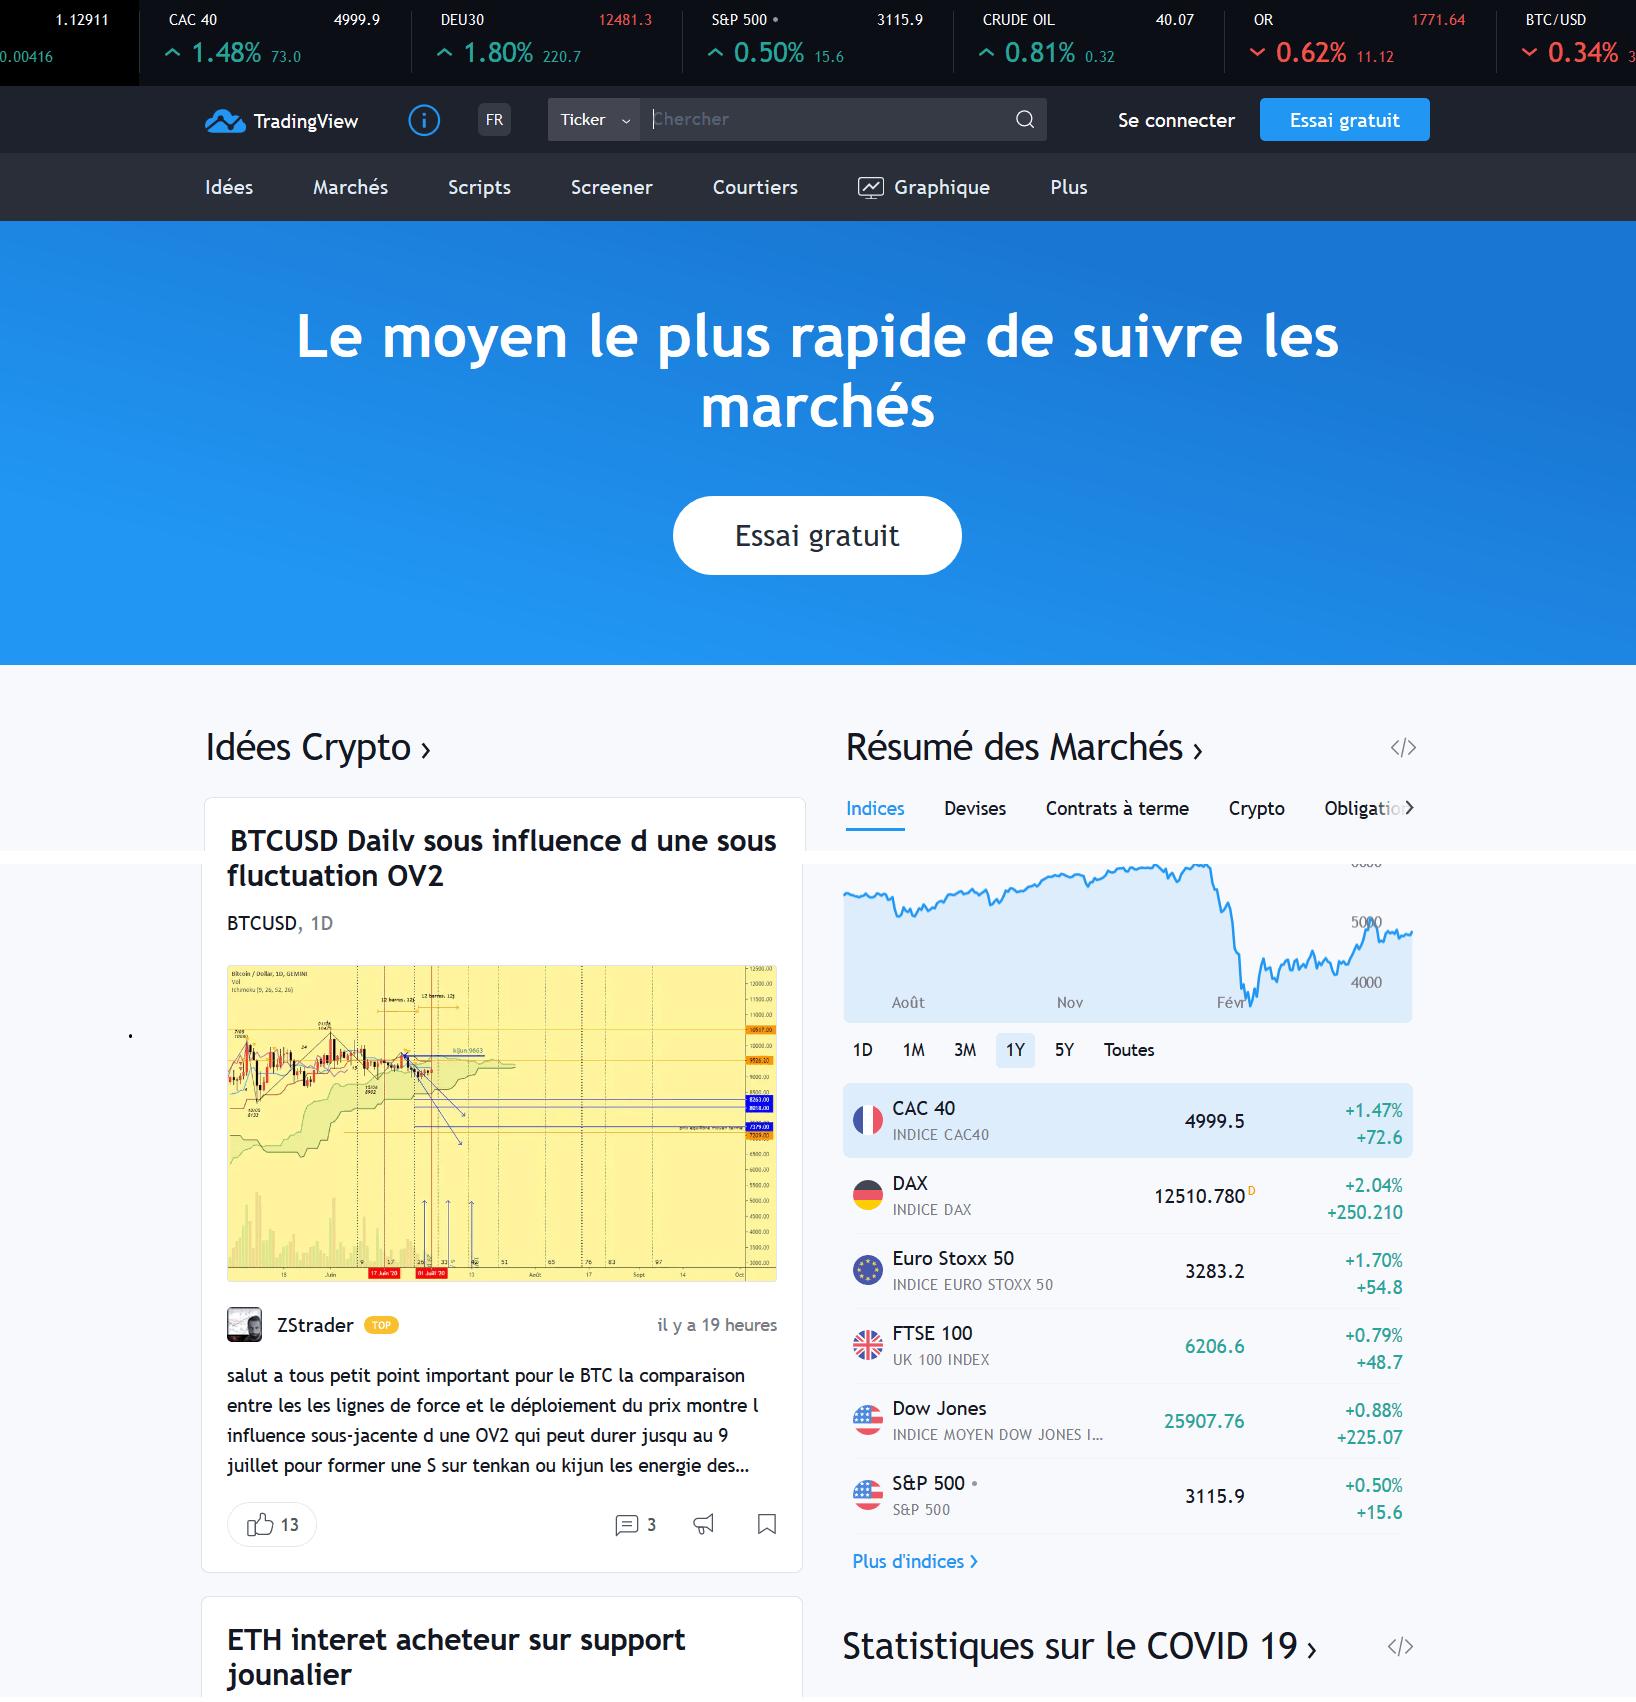 Page d'acceuil de Tradingview